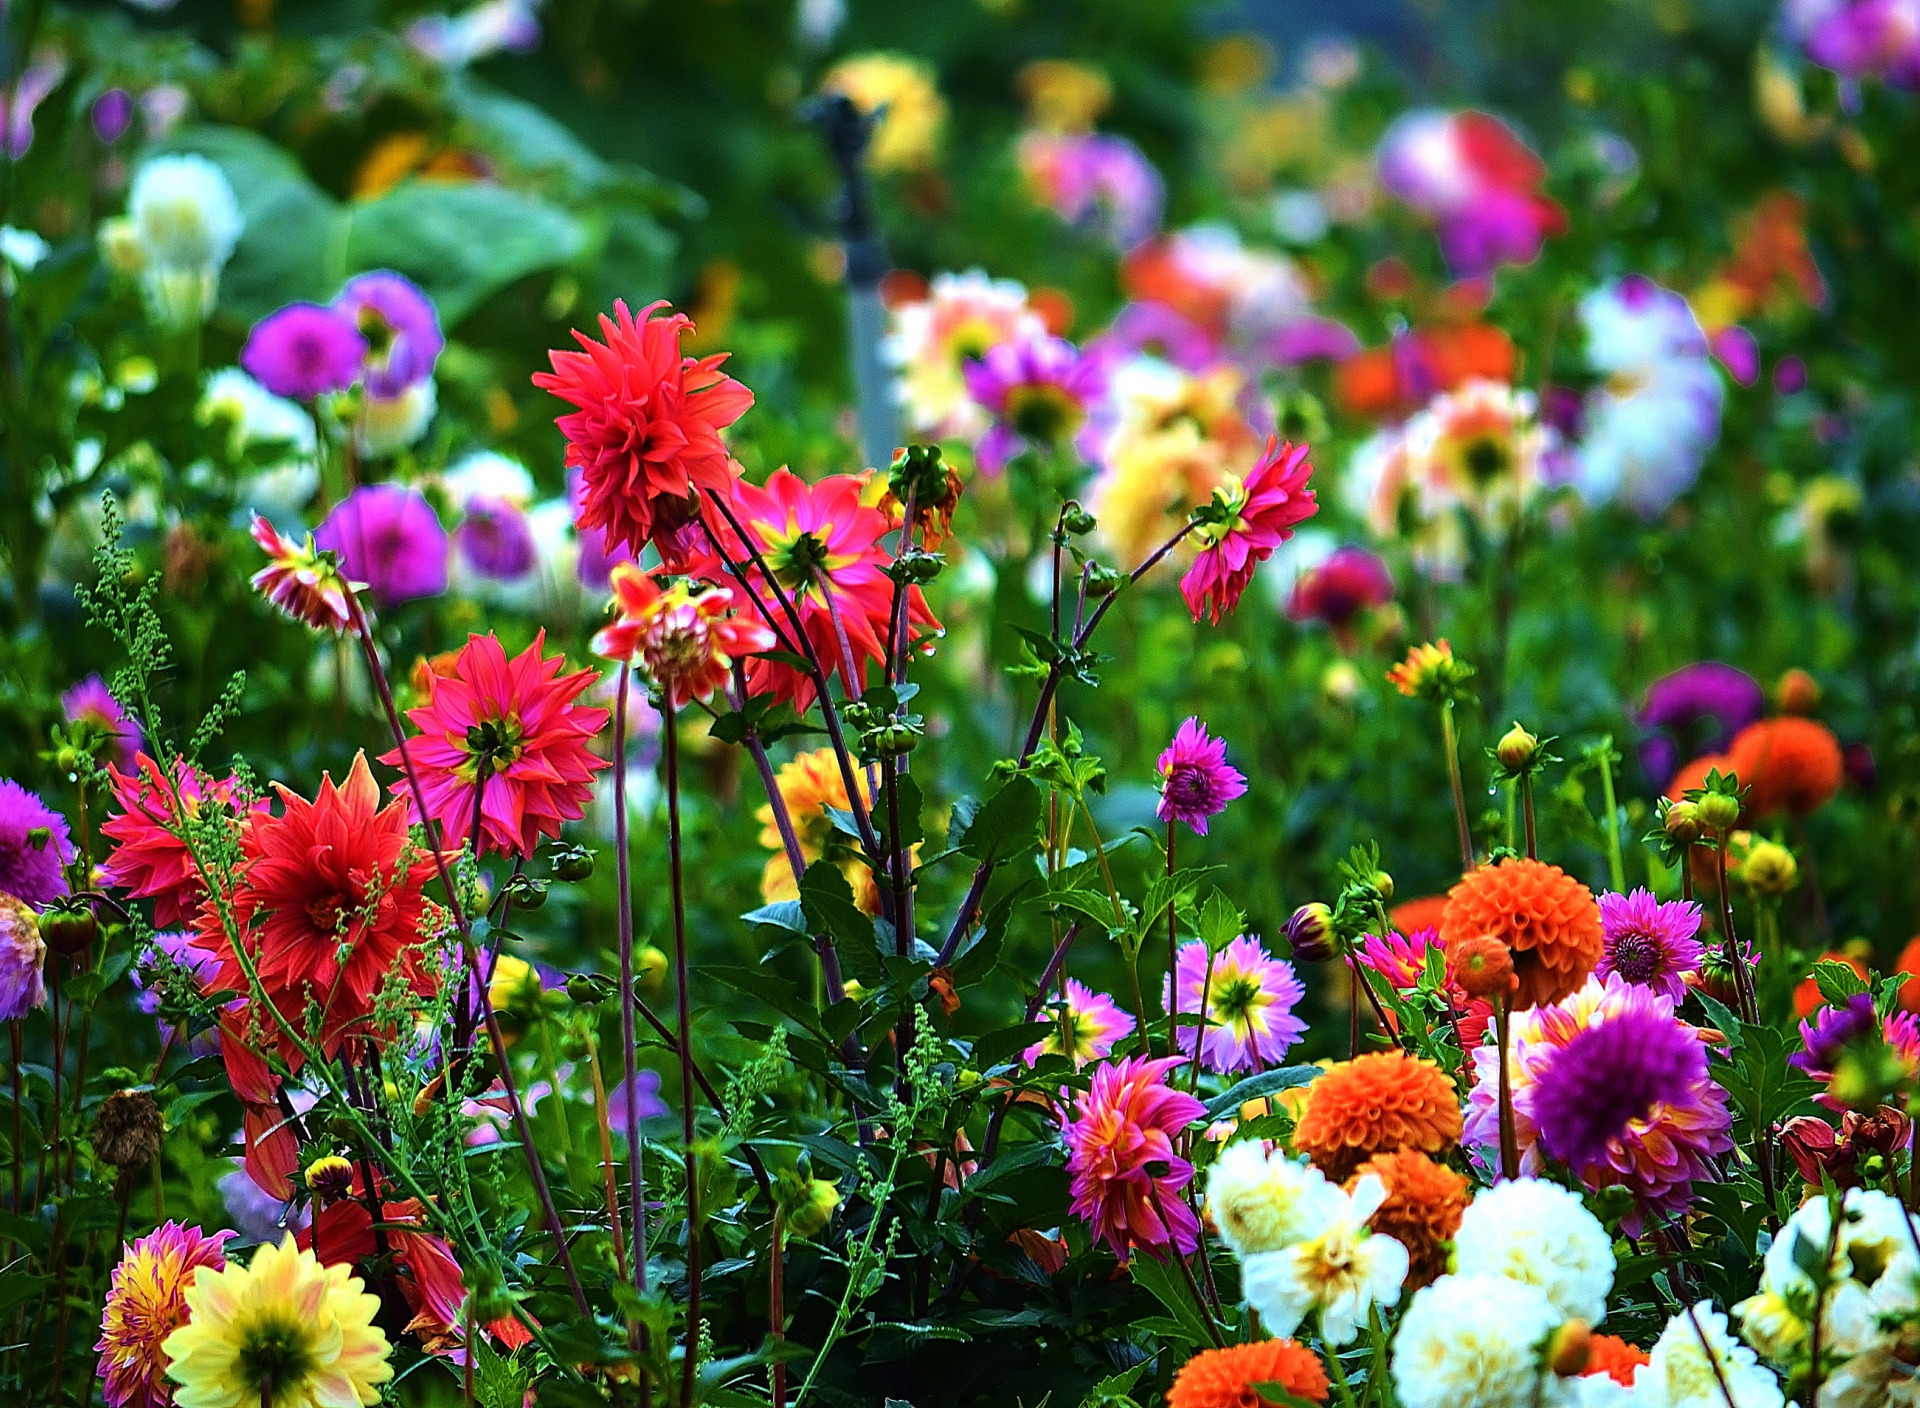 картинки для рабочего стола садовые цветы мост